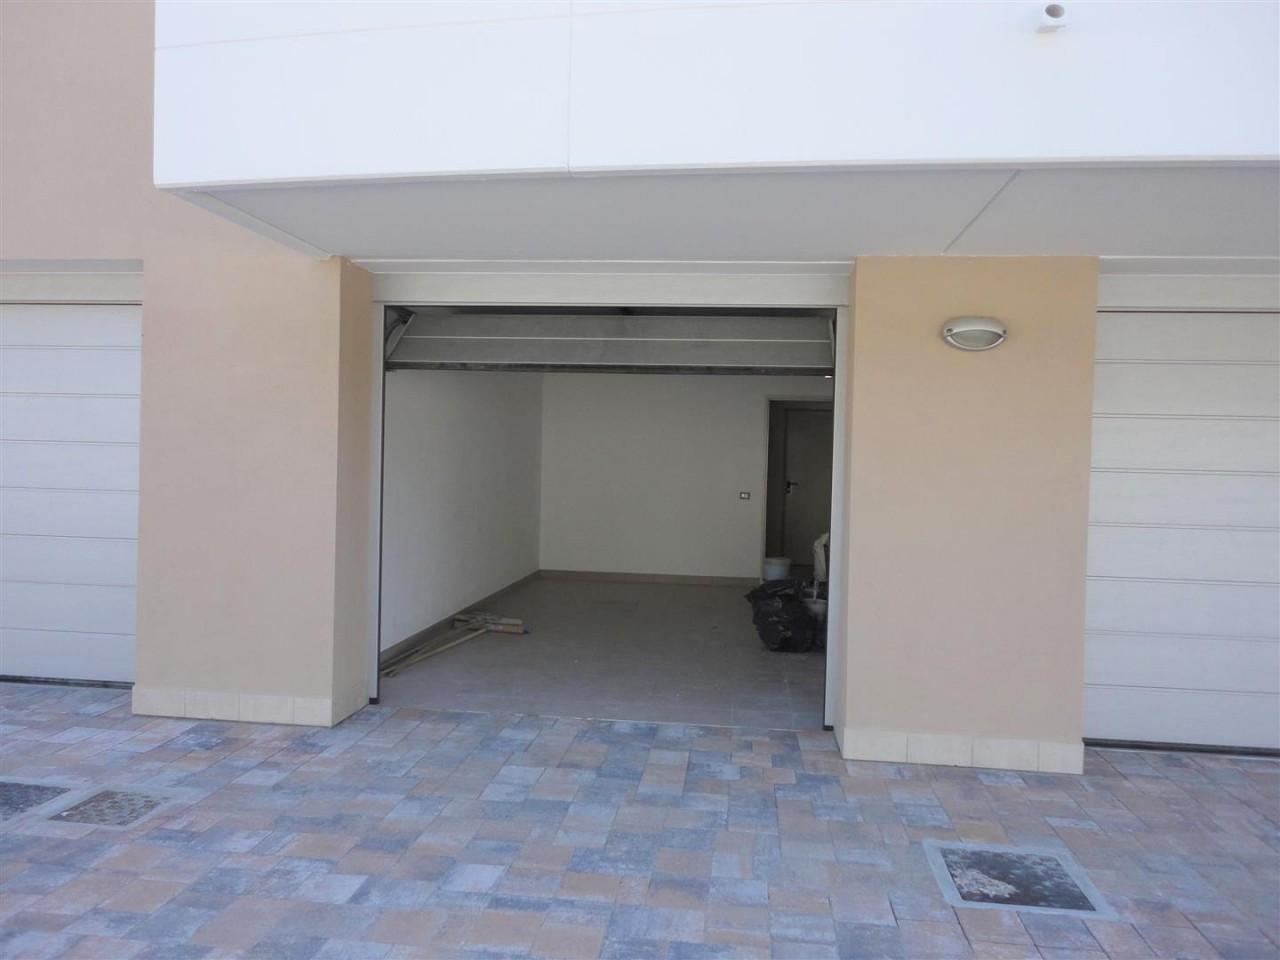 D278 Nuovo appartamento tricamere su due livelli in vendita ad Albignasego https://media.gestionaleimmobiliare.it/foto/annunci/190917/2070775/1280x1280/015__16_garage.jpg